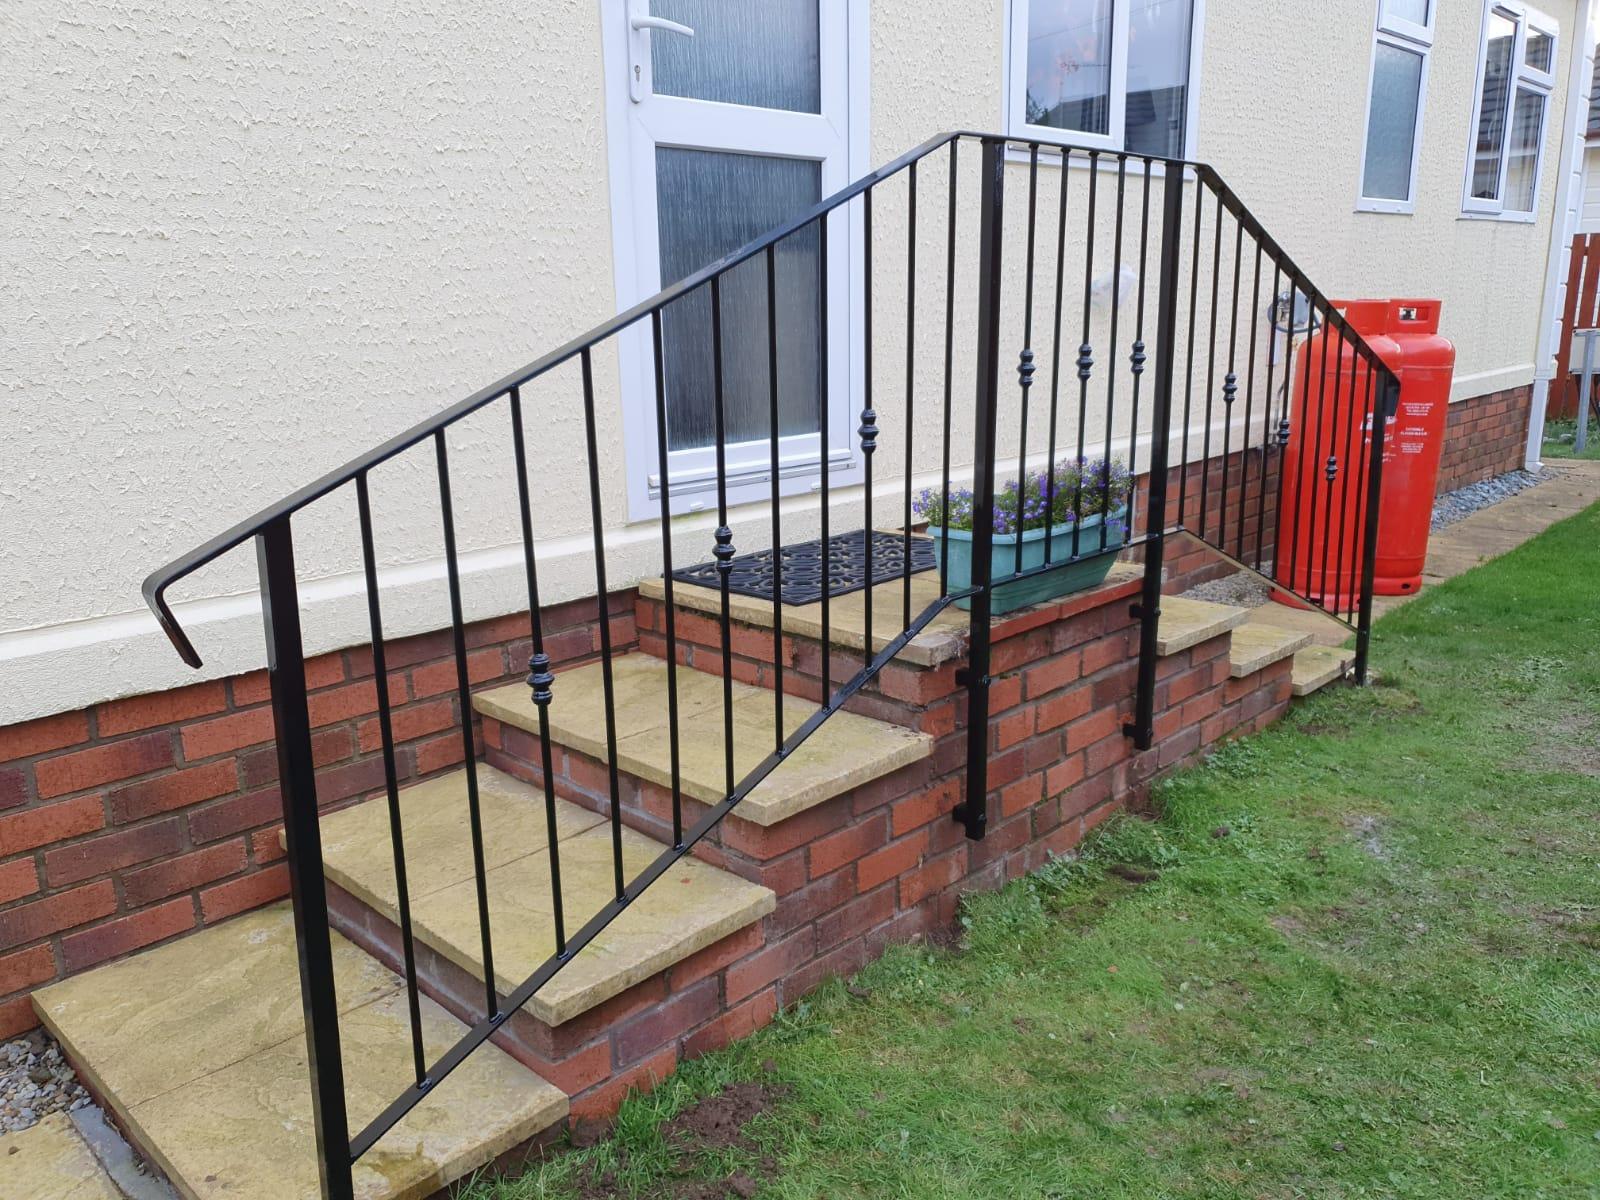 Custom handrail for platform by Dain Art Iron in Irvine